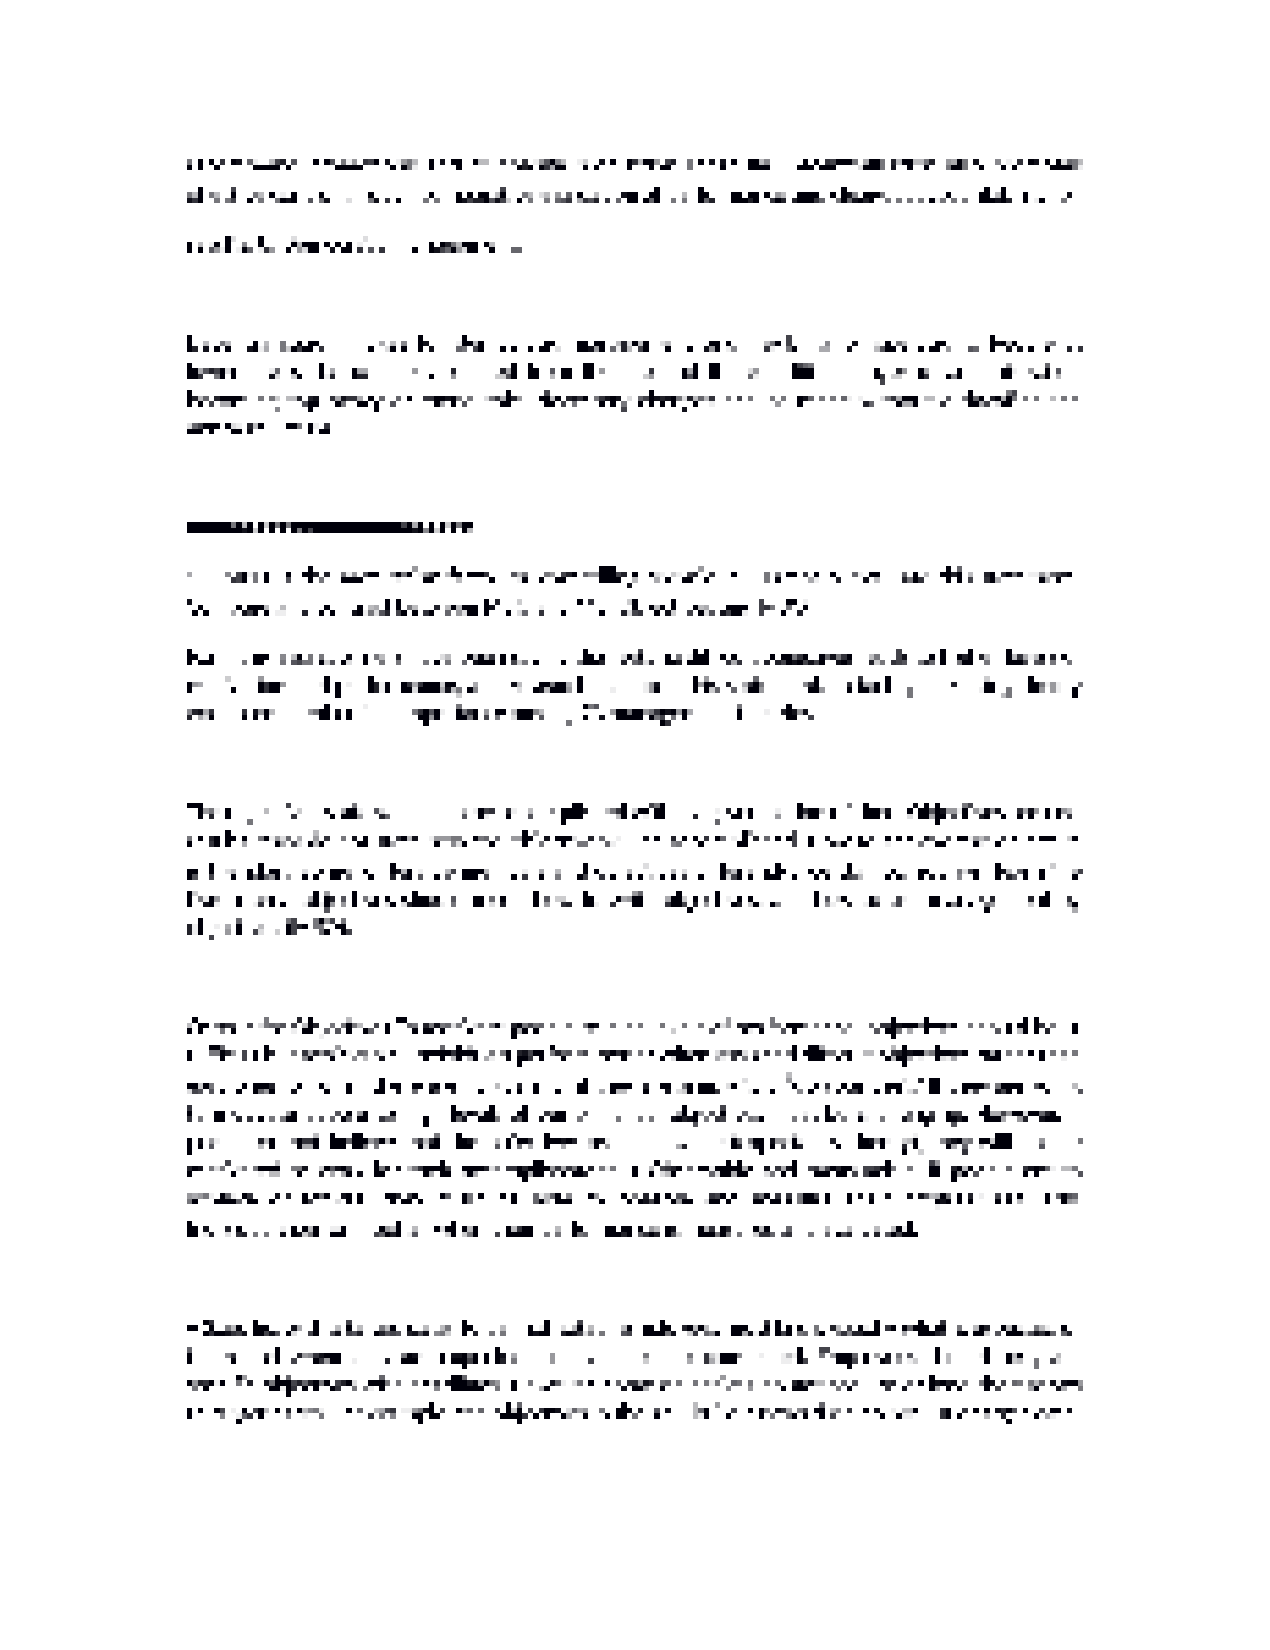 gillibrand internship application essay